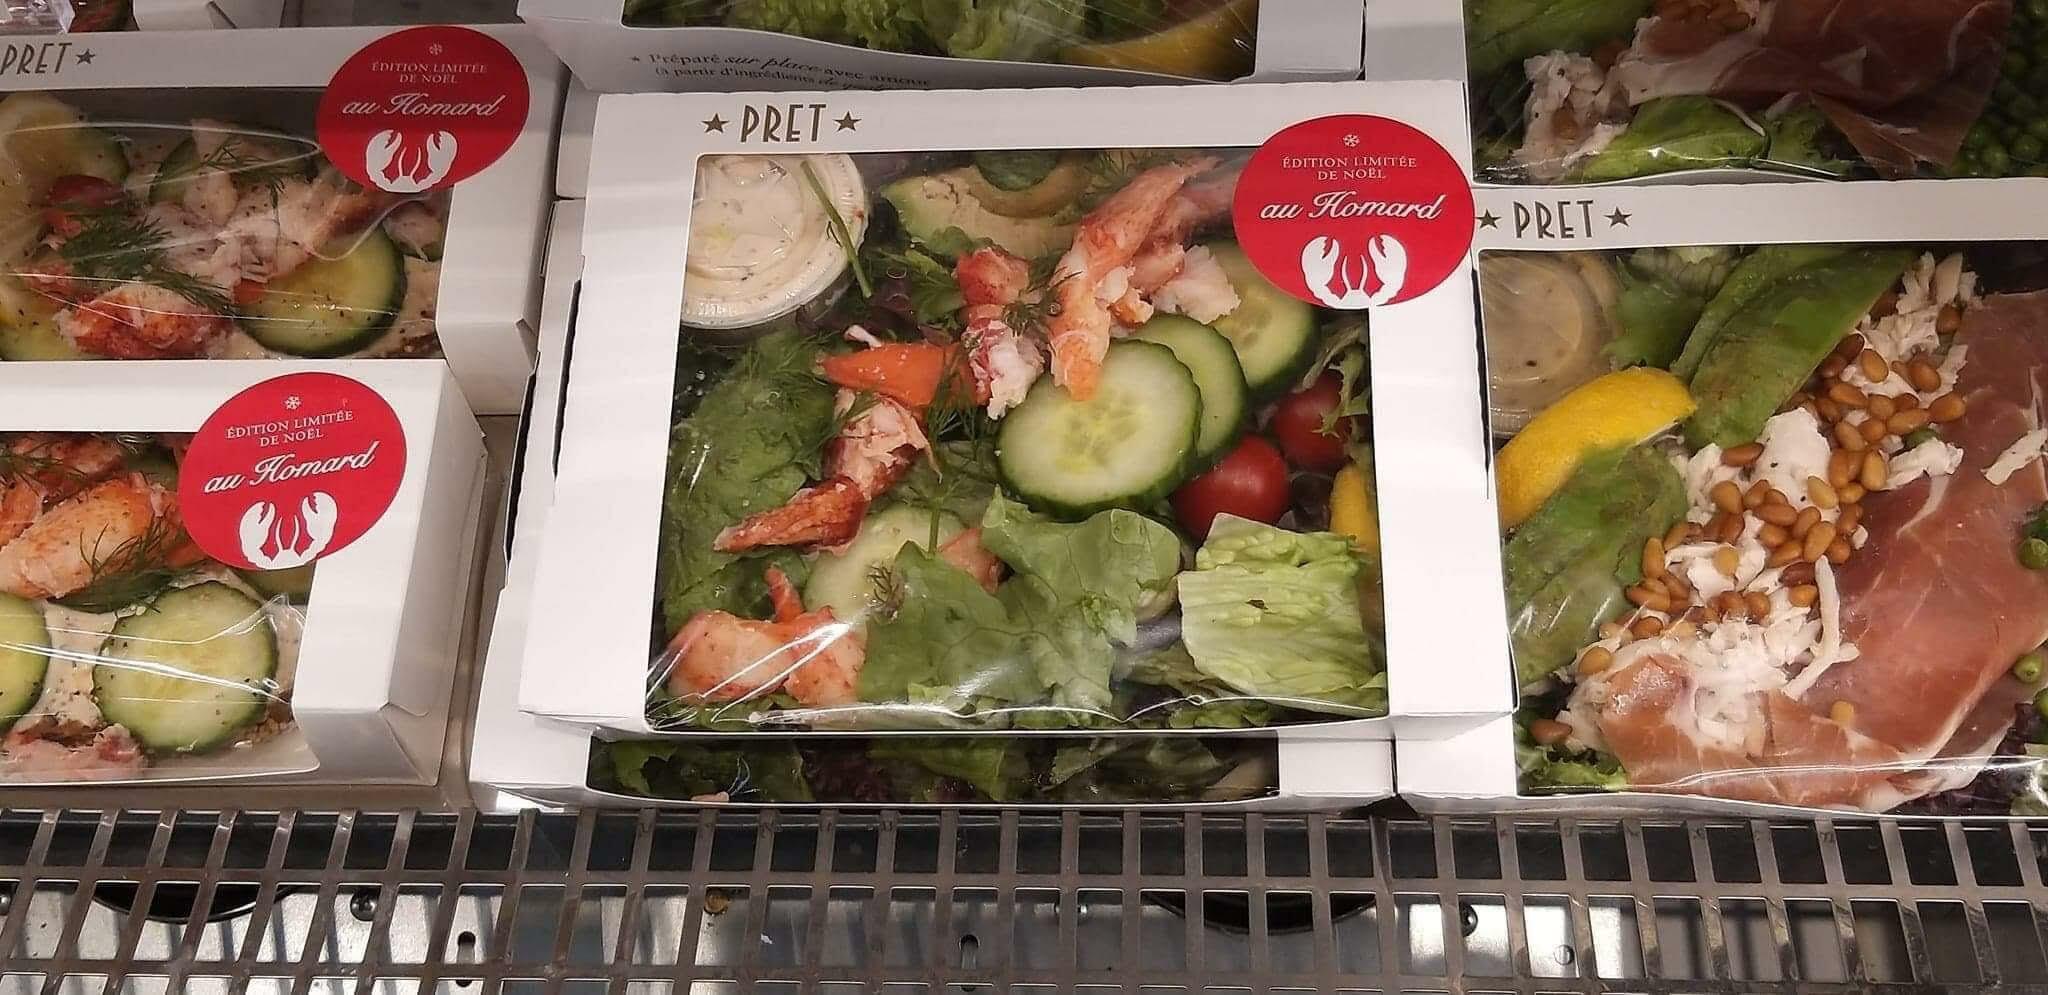 Pret-Salad-France.jpg